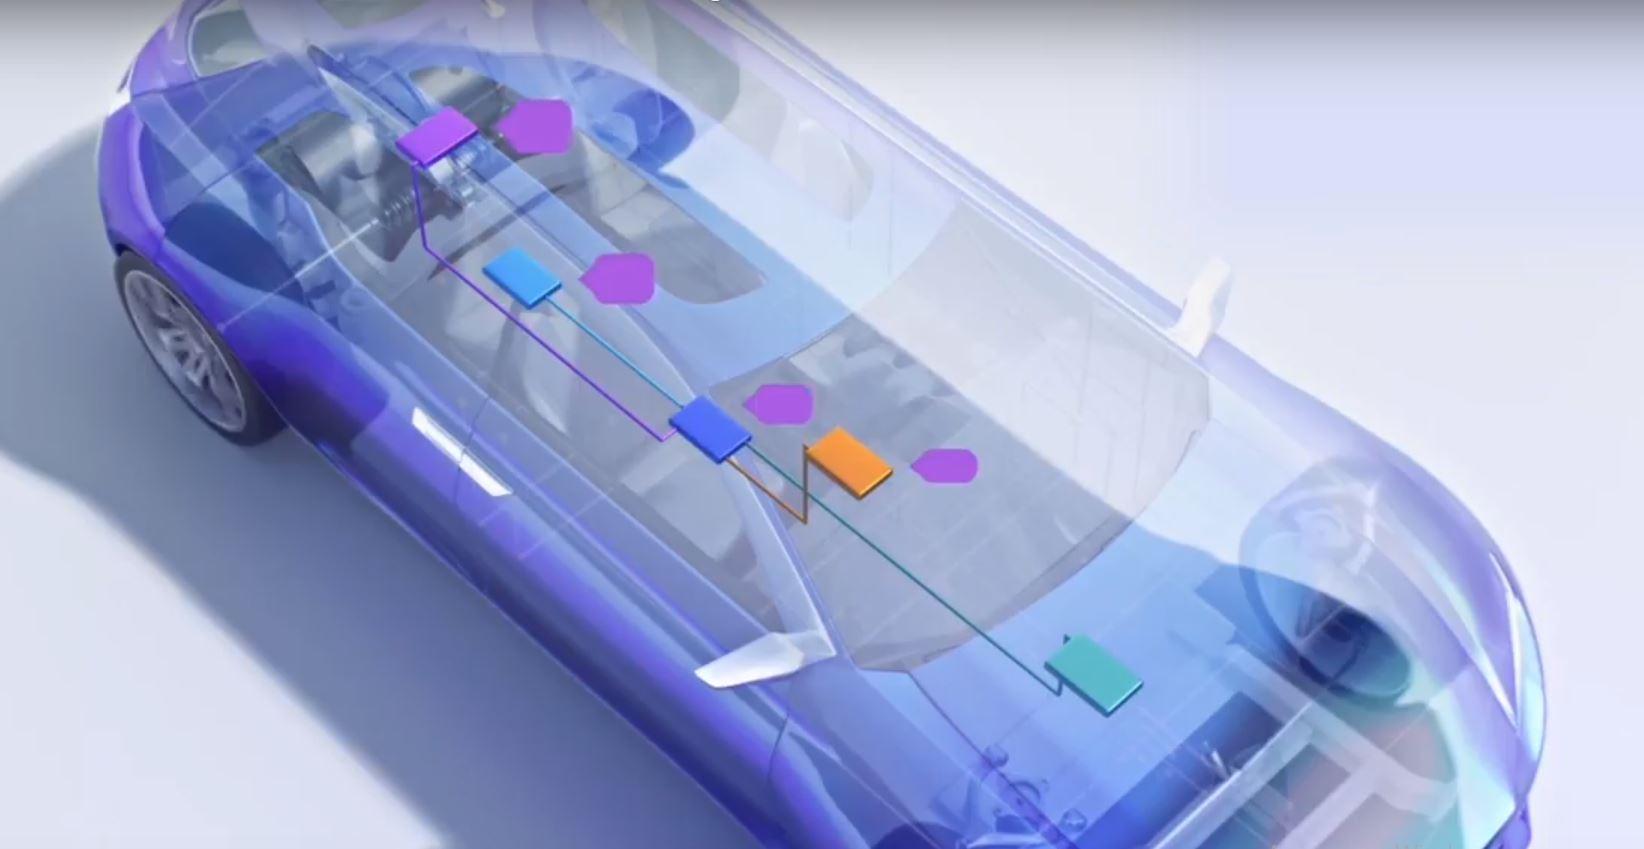 Автономные и подключенные автомобили предъявляют новые требования к автомобильным сетям